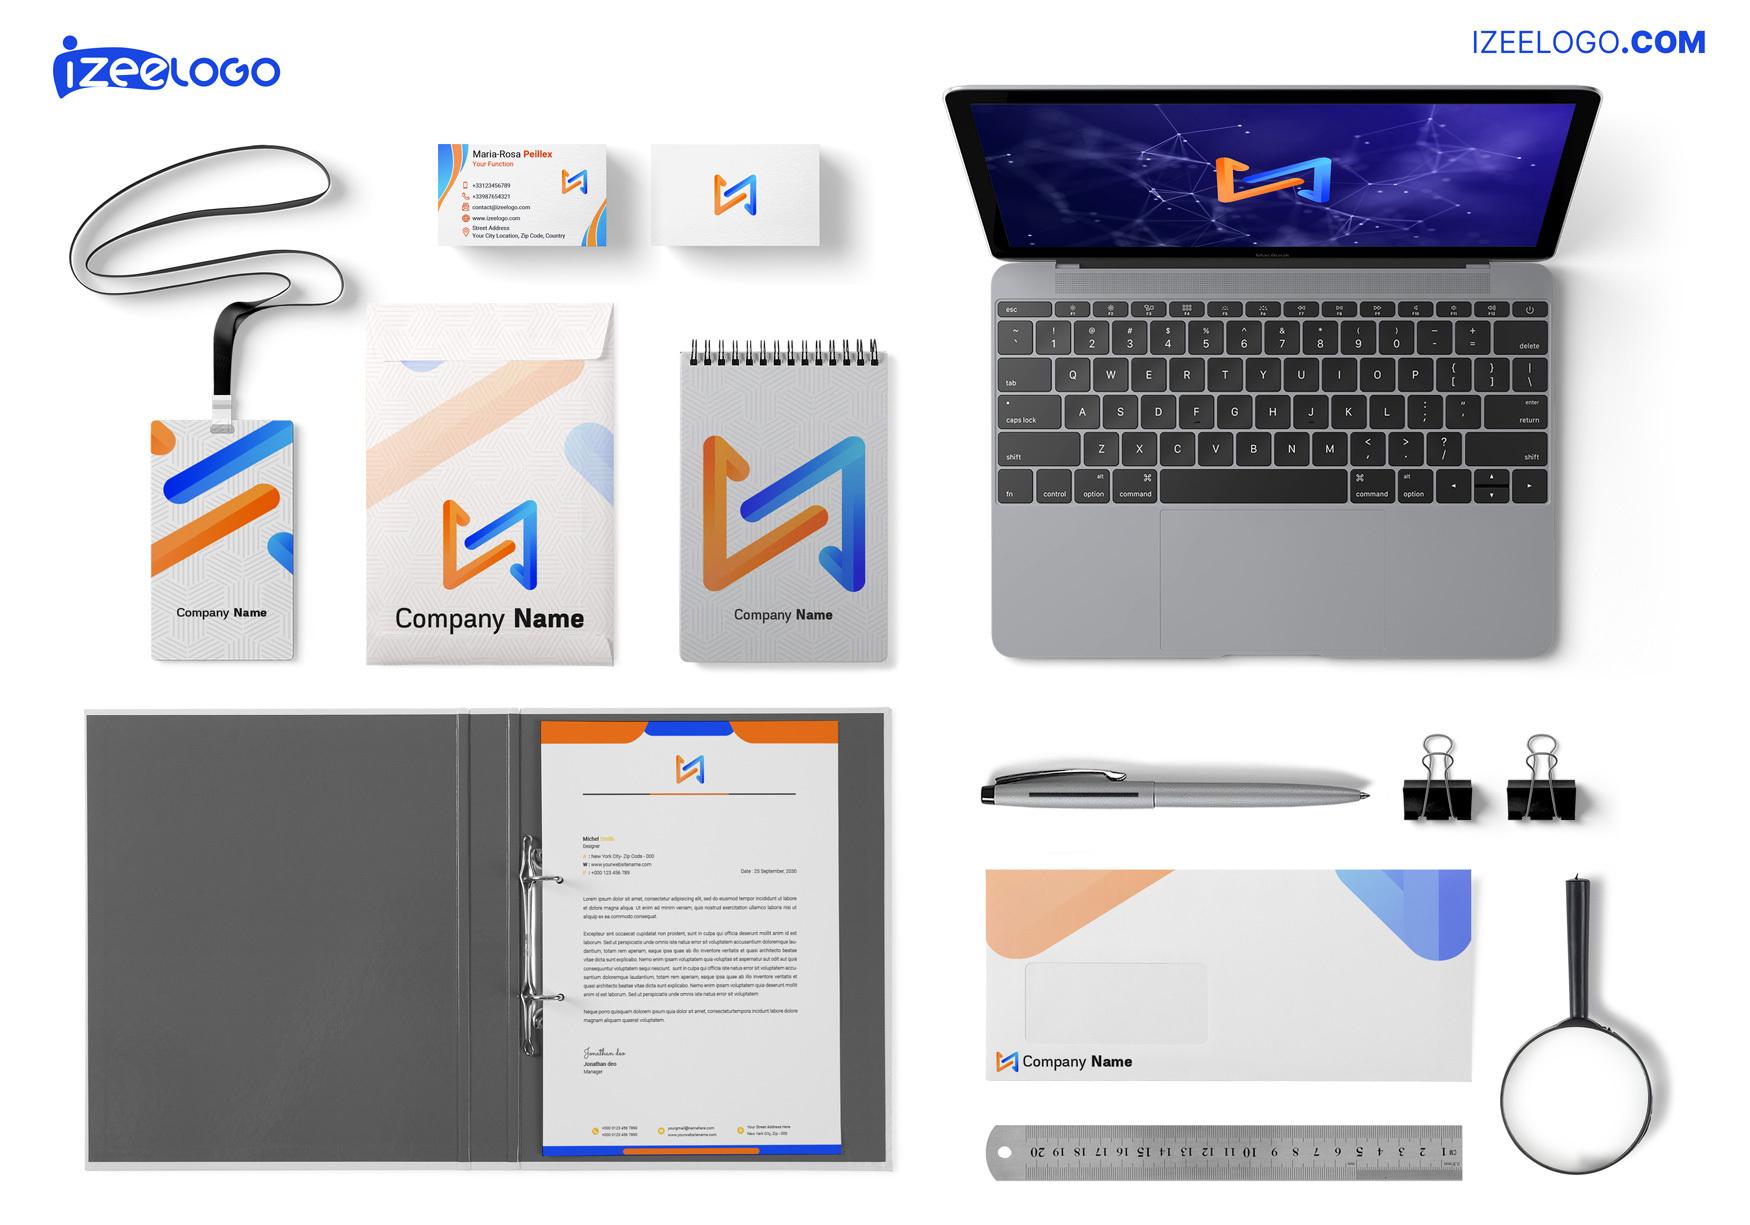 Aquí está un mockup para su logo digital, de web, de informática, de tecnología, etc.